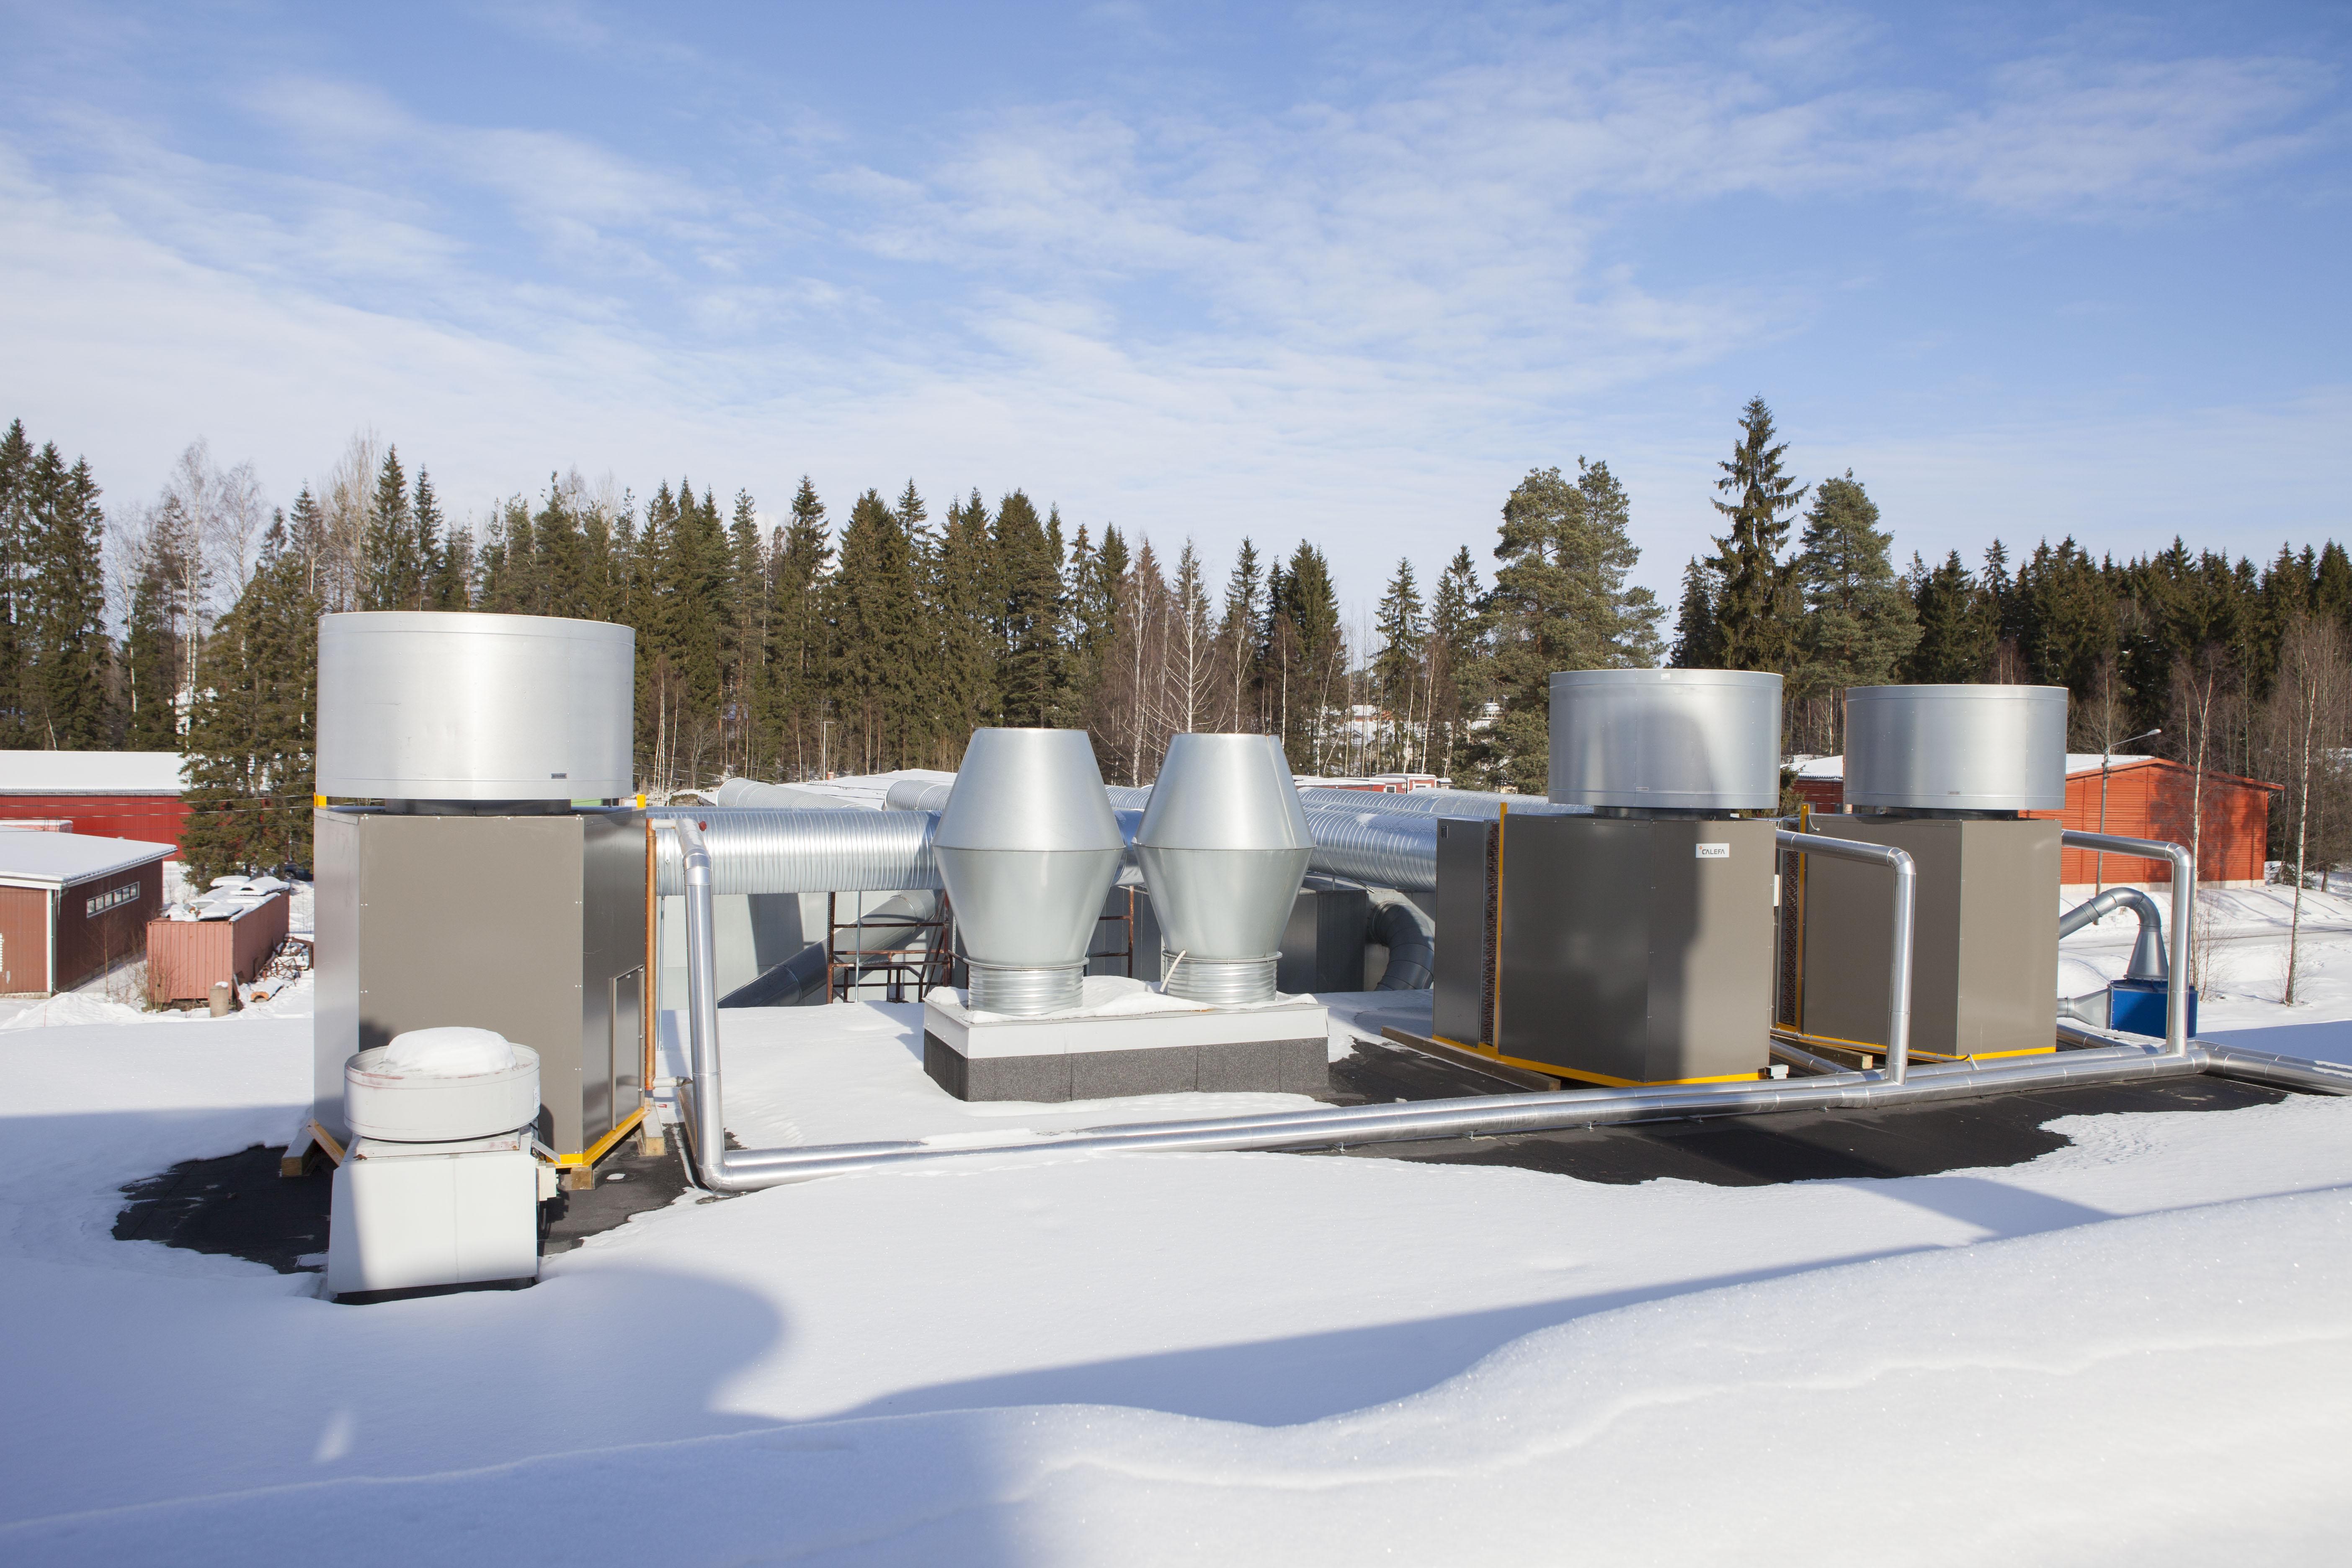 Hukkalämmön talteenottojärjestelmät on sijoitettu tehtaan katolle